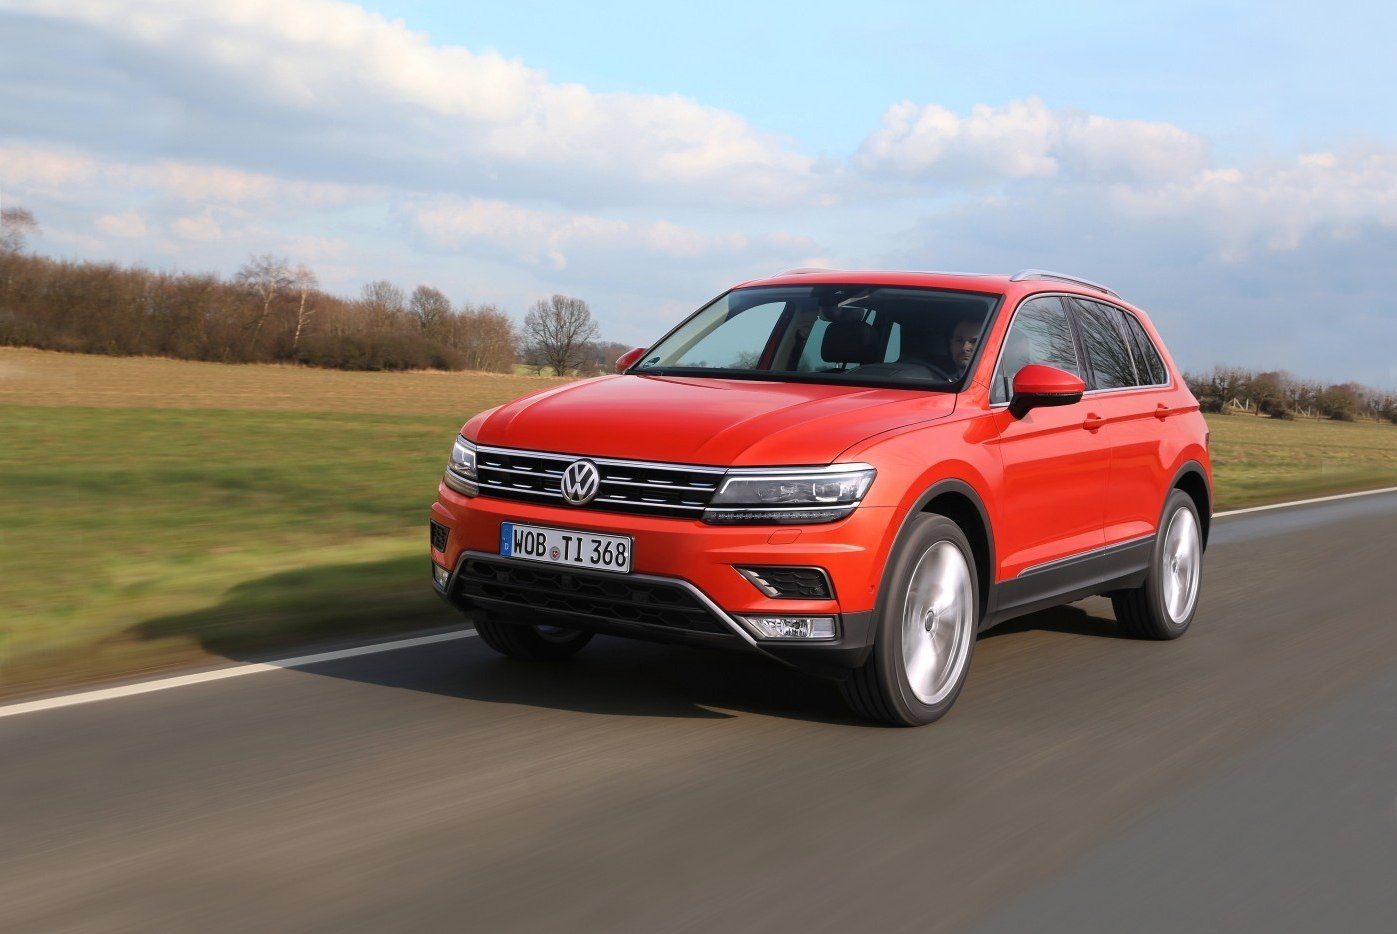 Volkswagen Tiguan 2020 (в красном цвете)